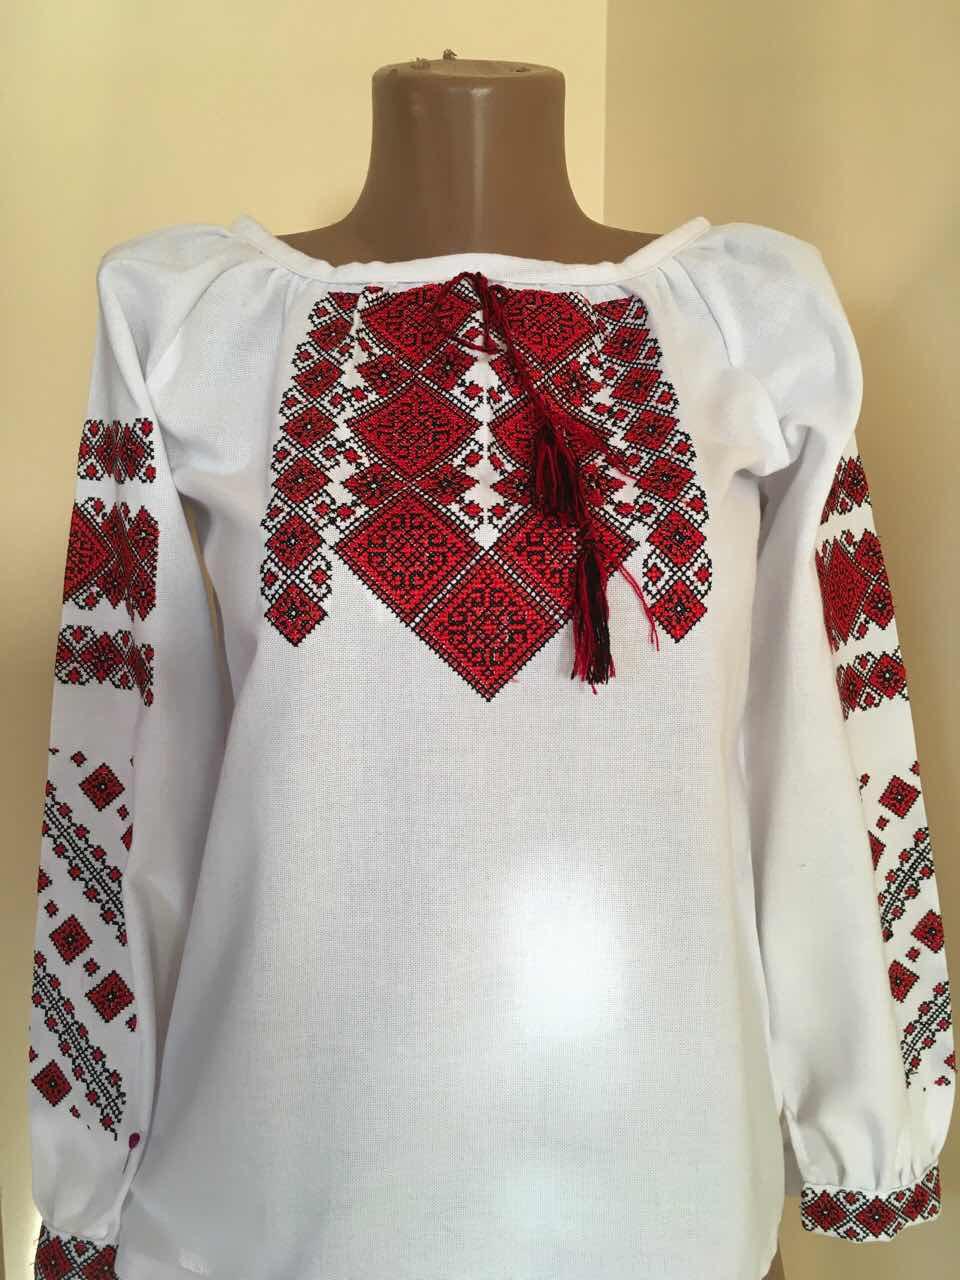 Біла вишиванка для дівчинки з геометричним орнаментом - Скарбниця Карпат-  інтернет магазин виробів ручної роботи 429f78e3bbb5d